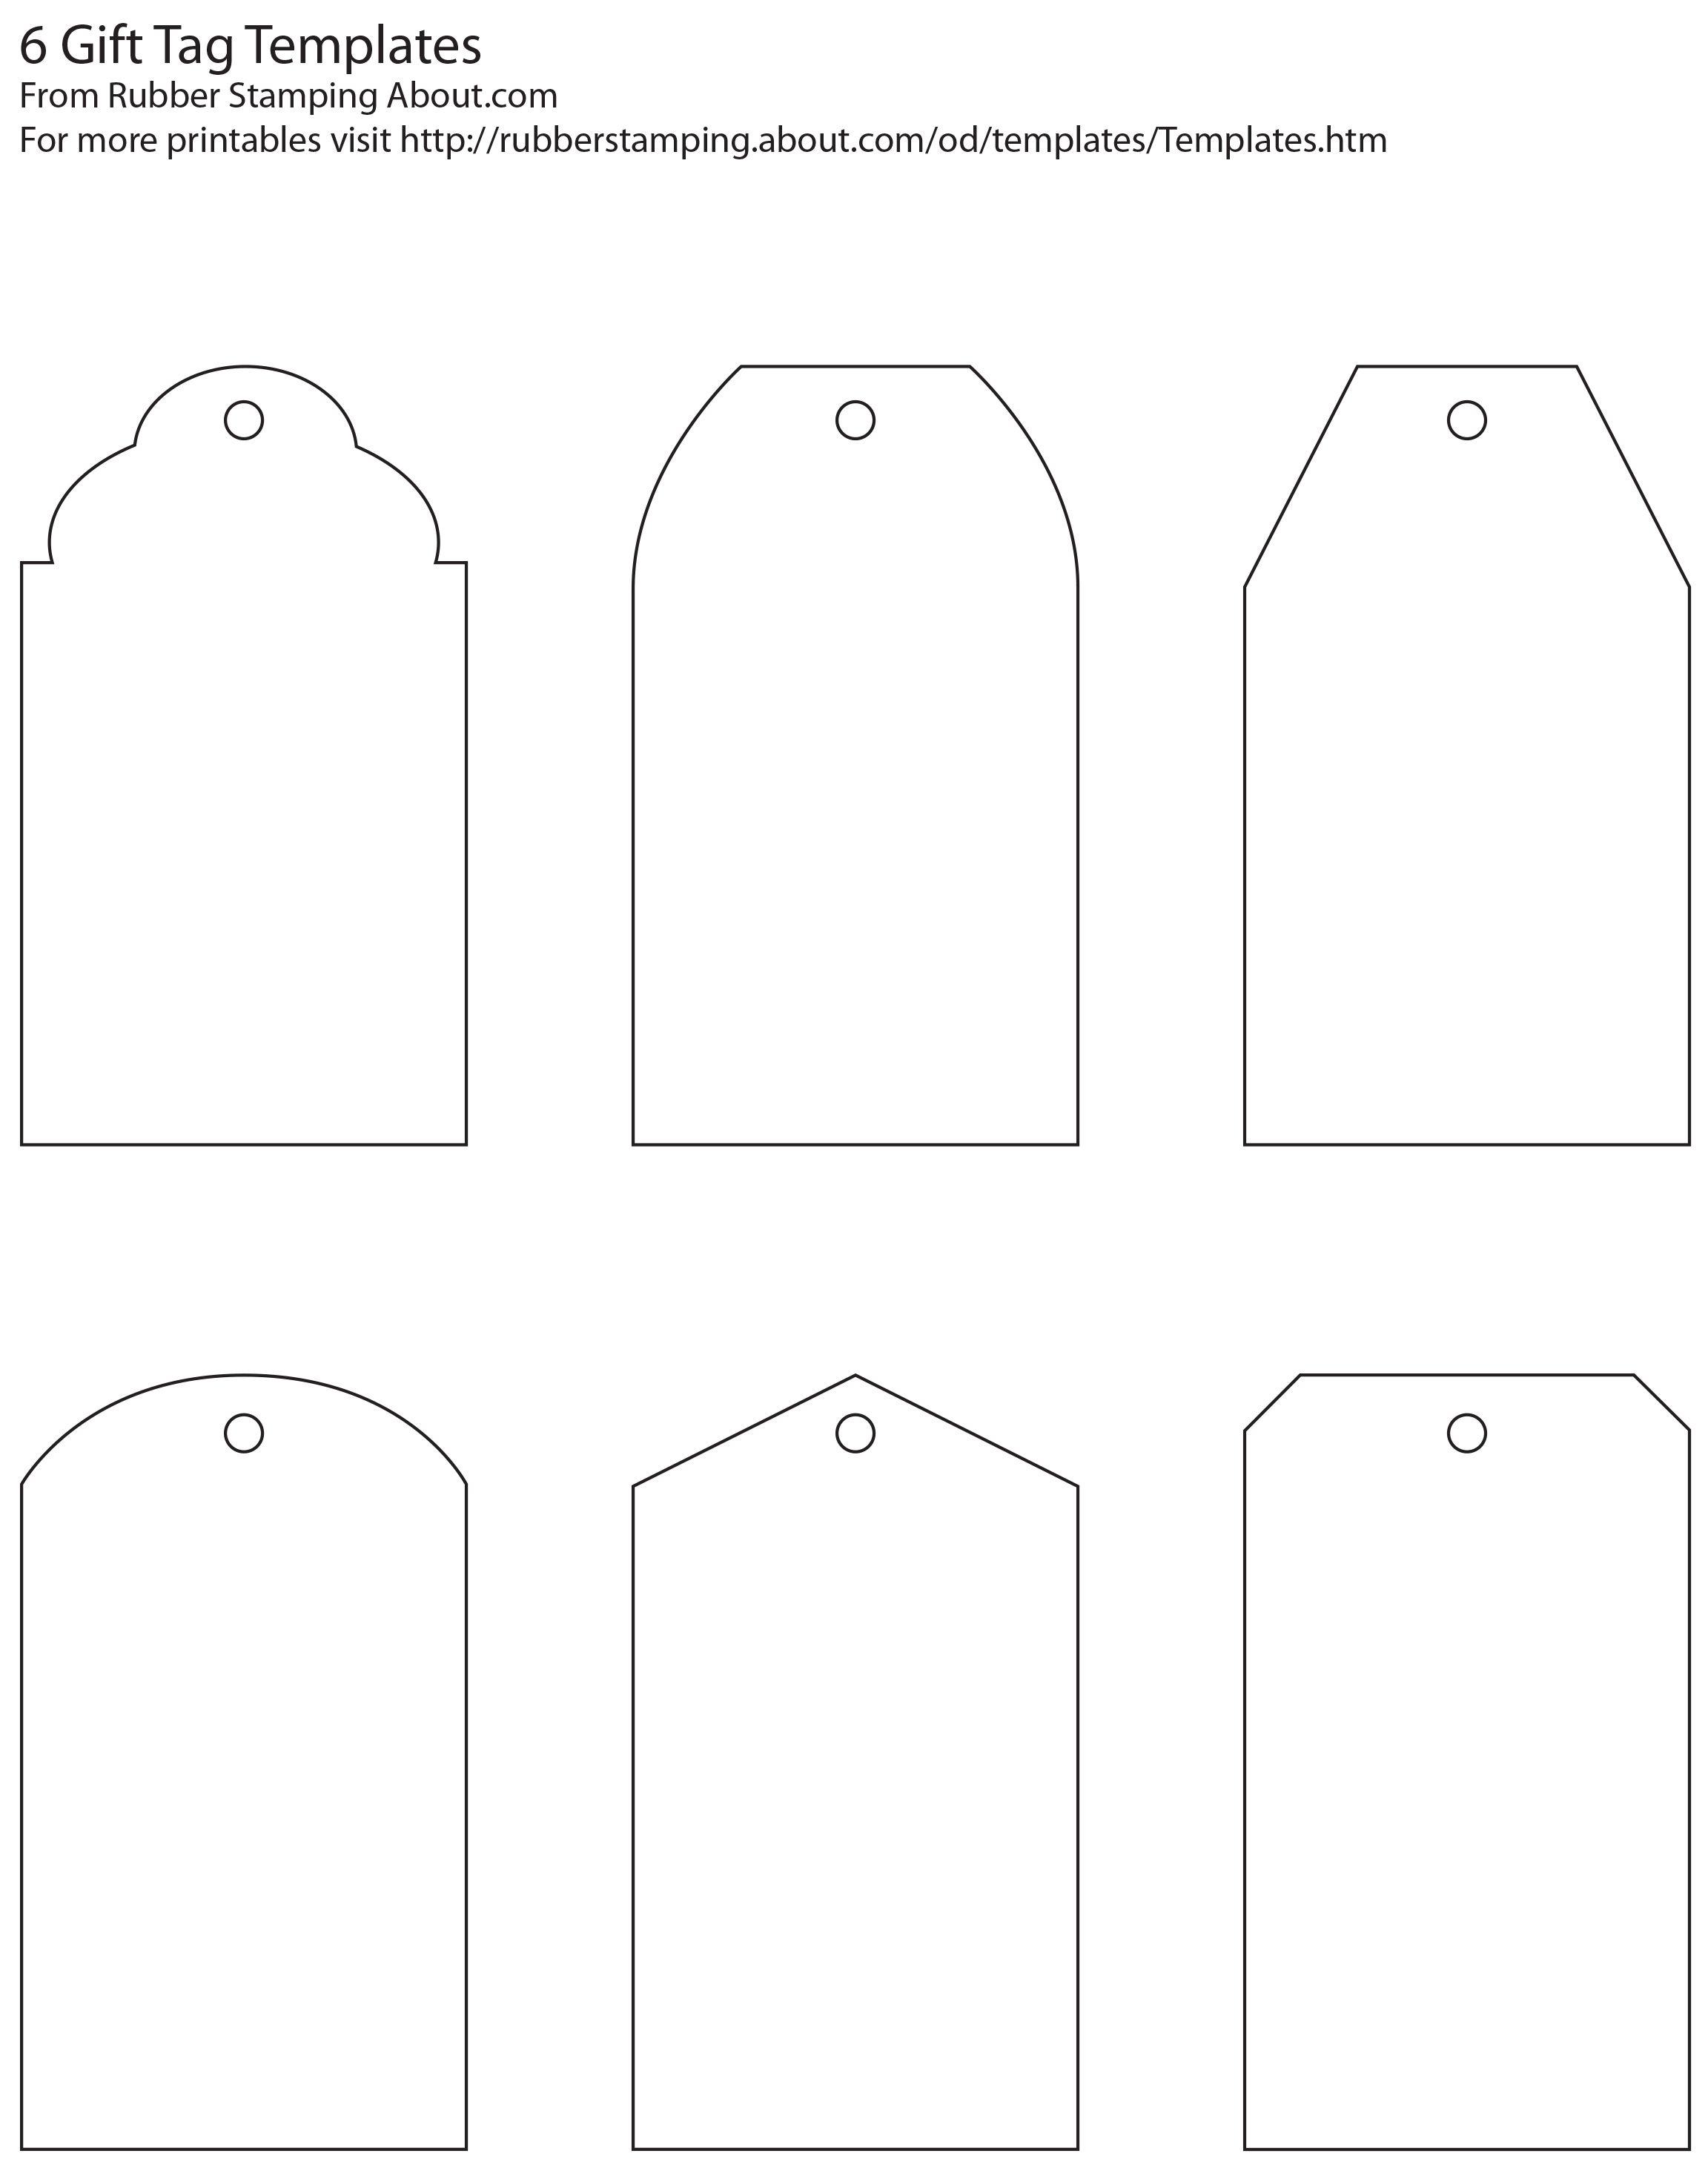 Free And Whimsical Printable Gift Tag Templates   Great Idea - Printable Gift Tags Customized Free